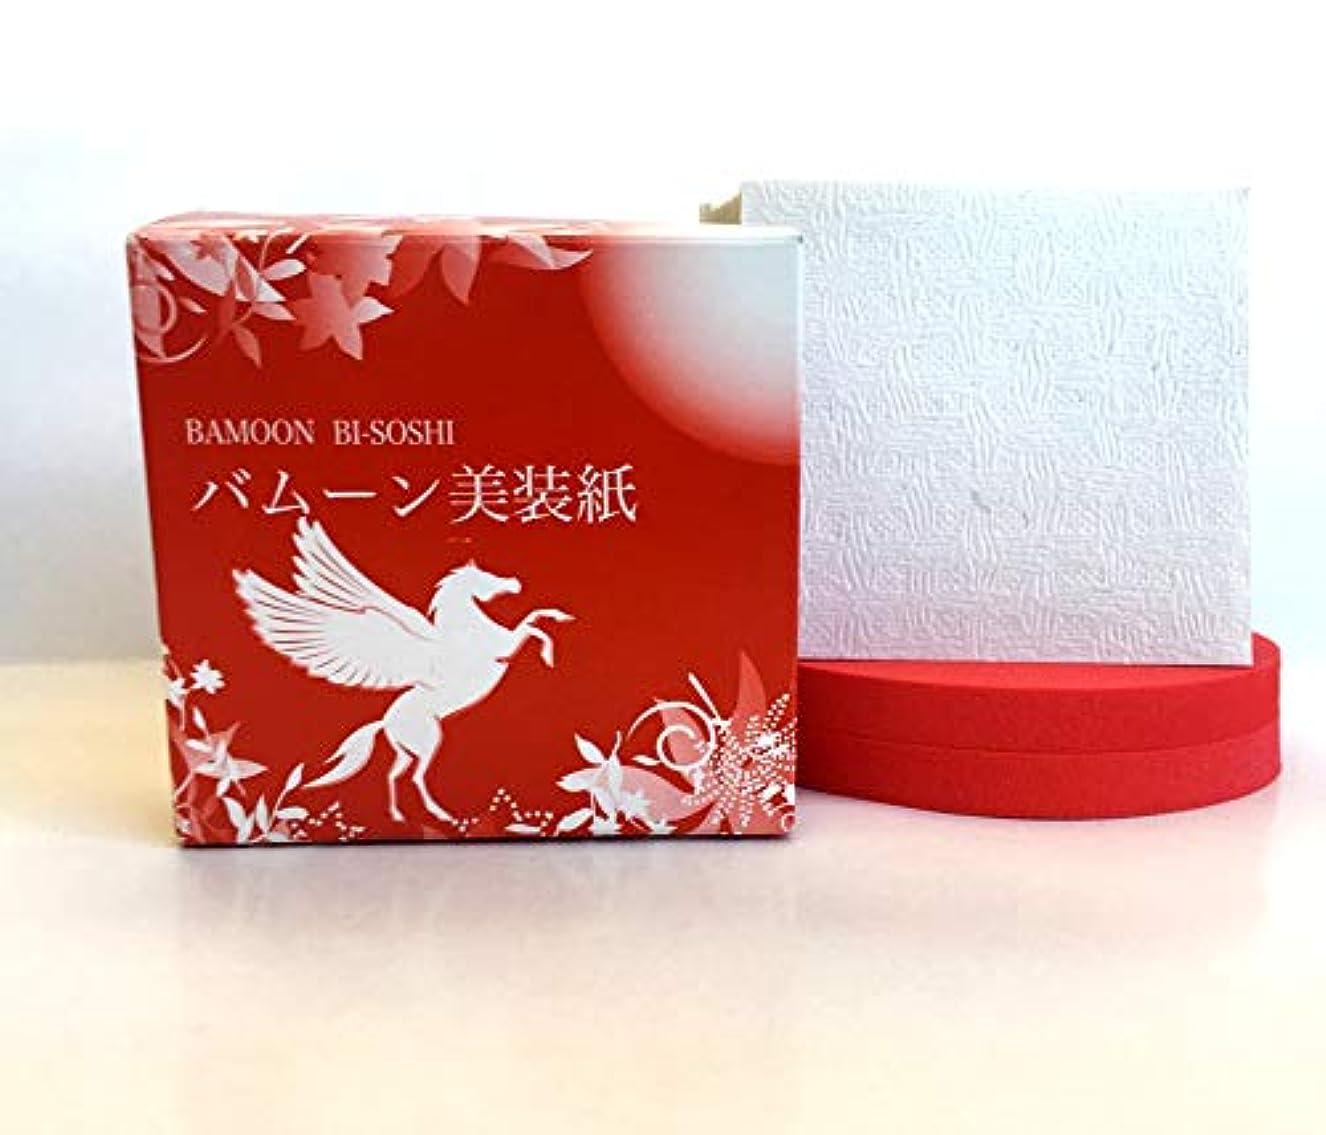 仕様ドレスボウリングスターアベニュー バムーン美装紙 60枚入 和紙洗顔 ゼオライト トルマリン配合